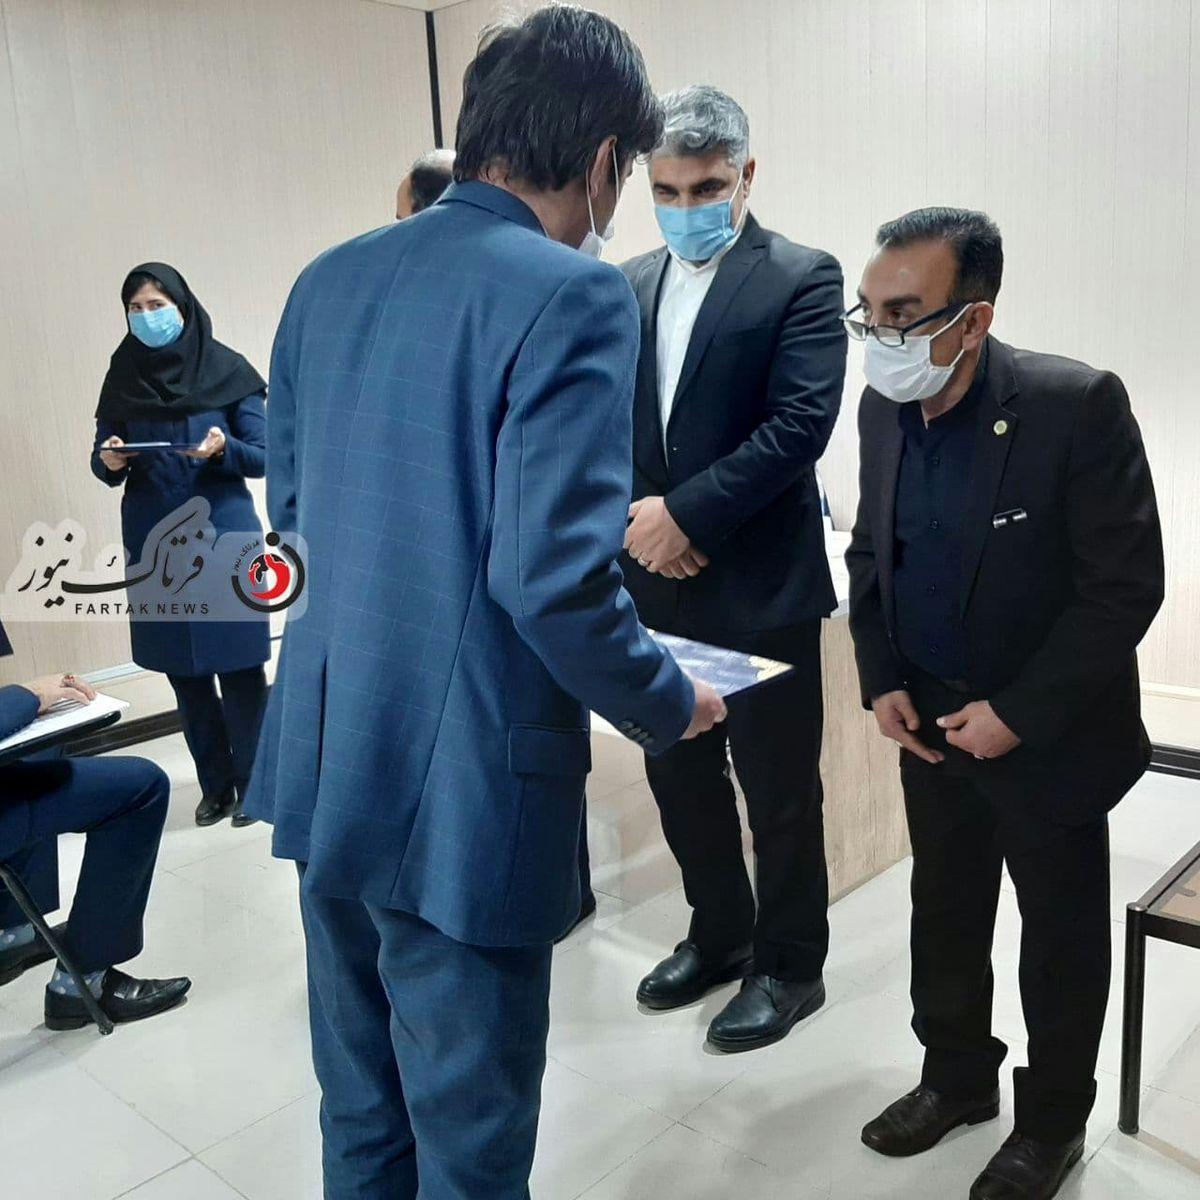 برگزاری مراسم تحلیف در مرکز کارشناسان دادگستری استان کرمانشاه